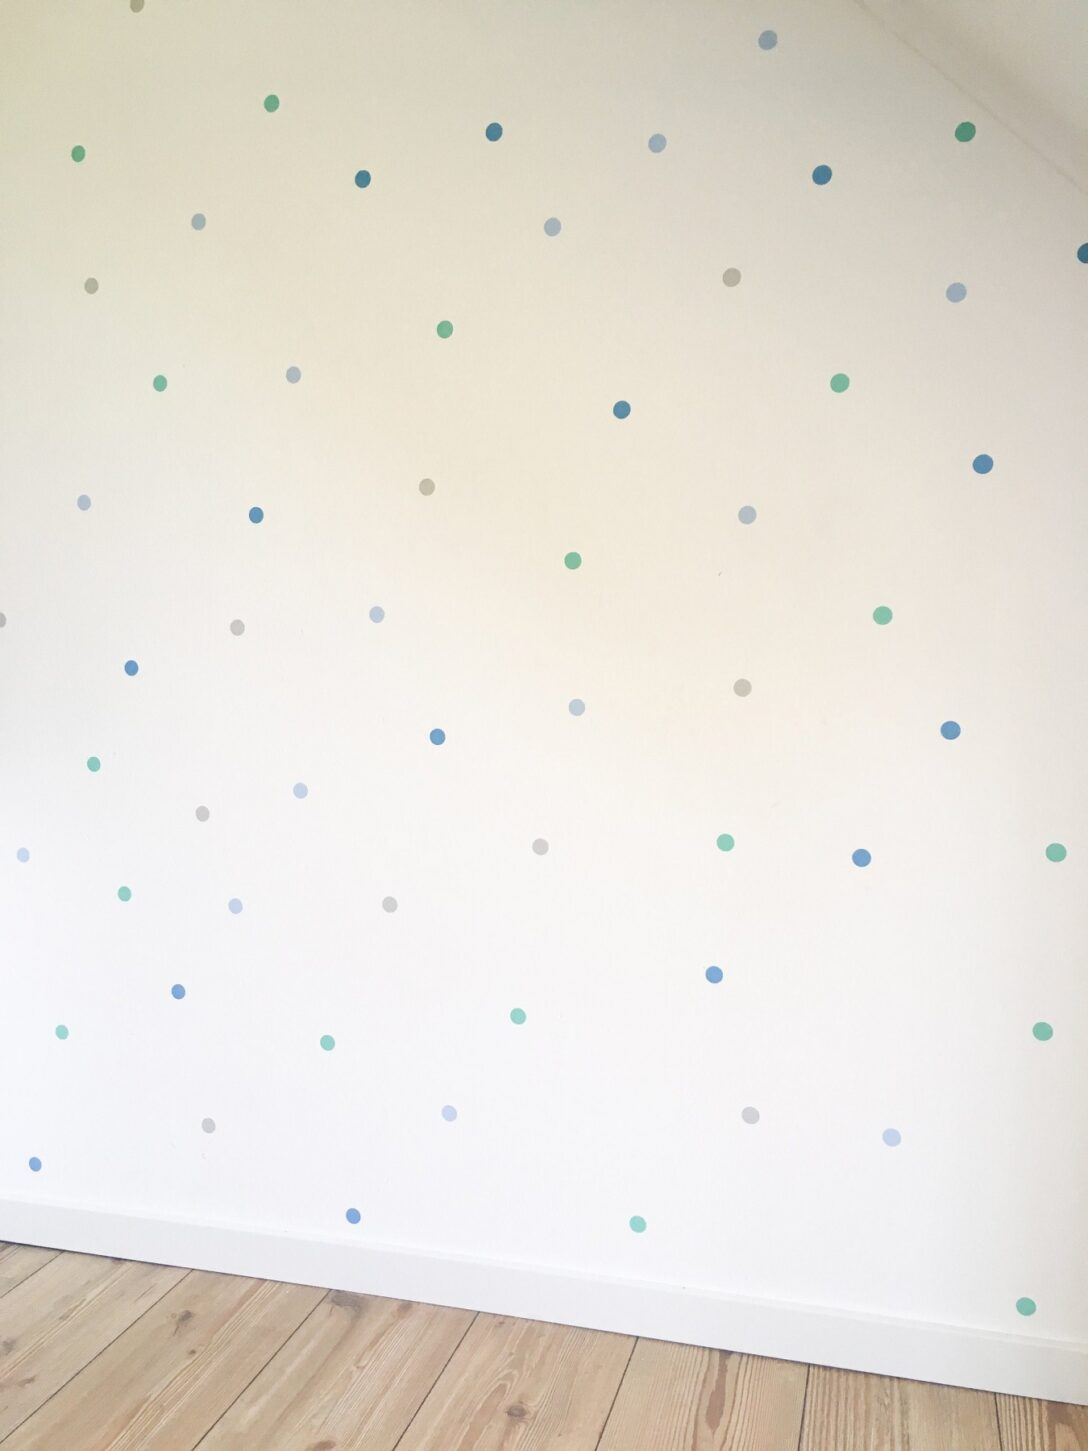 Large Size of Kinderzimmer Wanddeko Wanddekoration Wandtattoo Punkte Regal Weiß Sofa Küche Regale Kinderzimmer Kinderzimmer Wanddeko